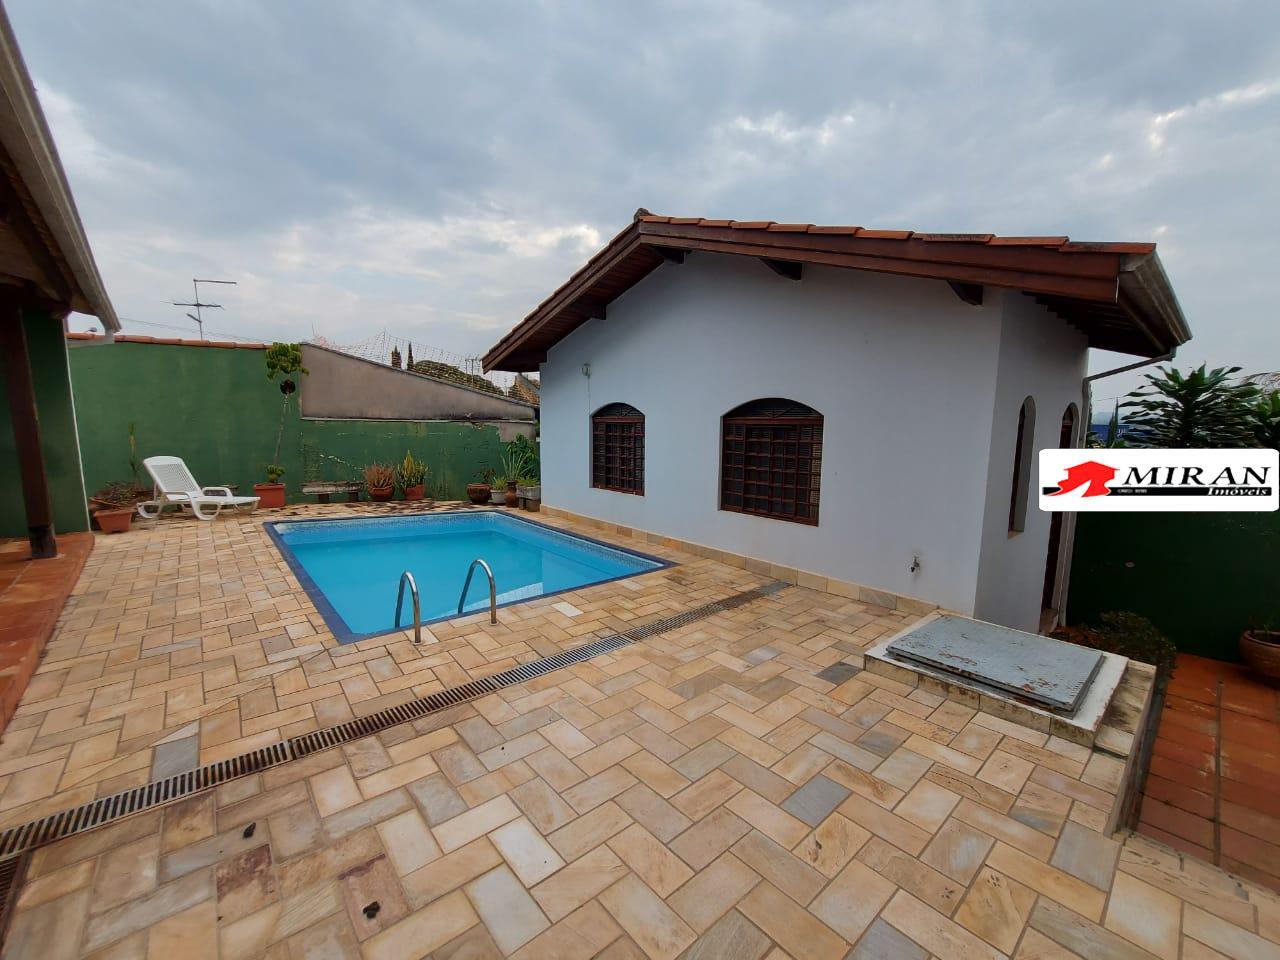 Casa à Venda com 3 dormitórios Bairro Residencial Água Nova Valinhos – SP